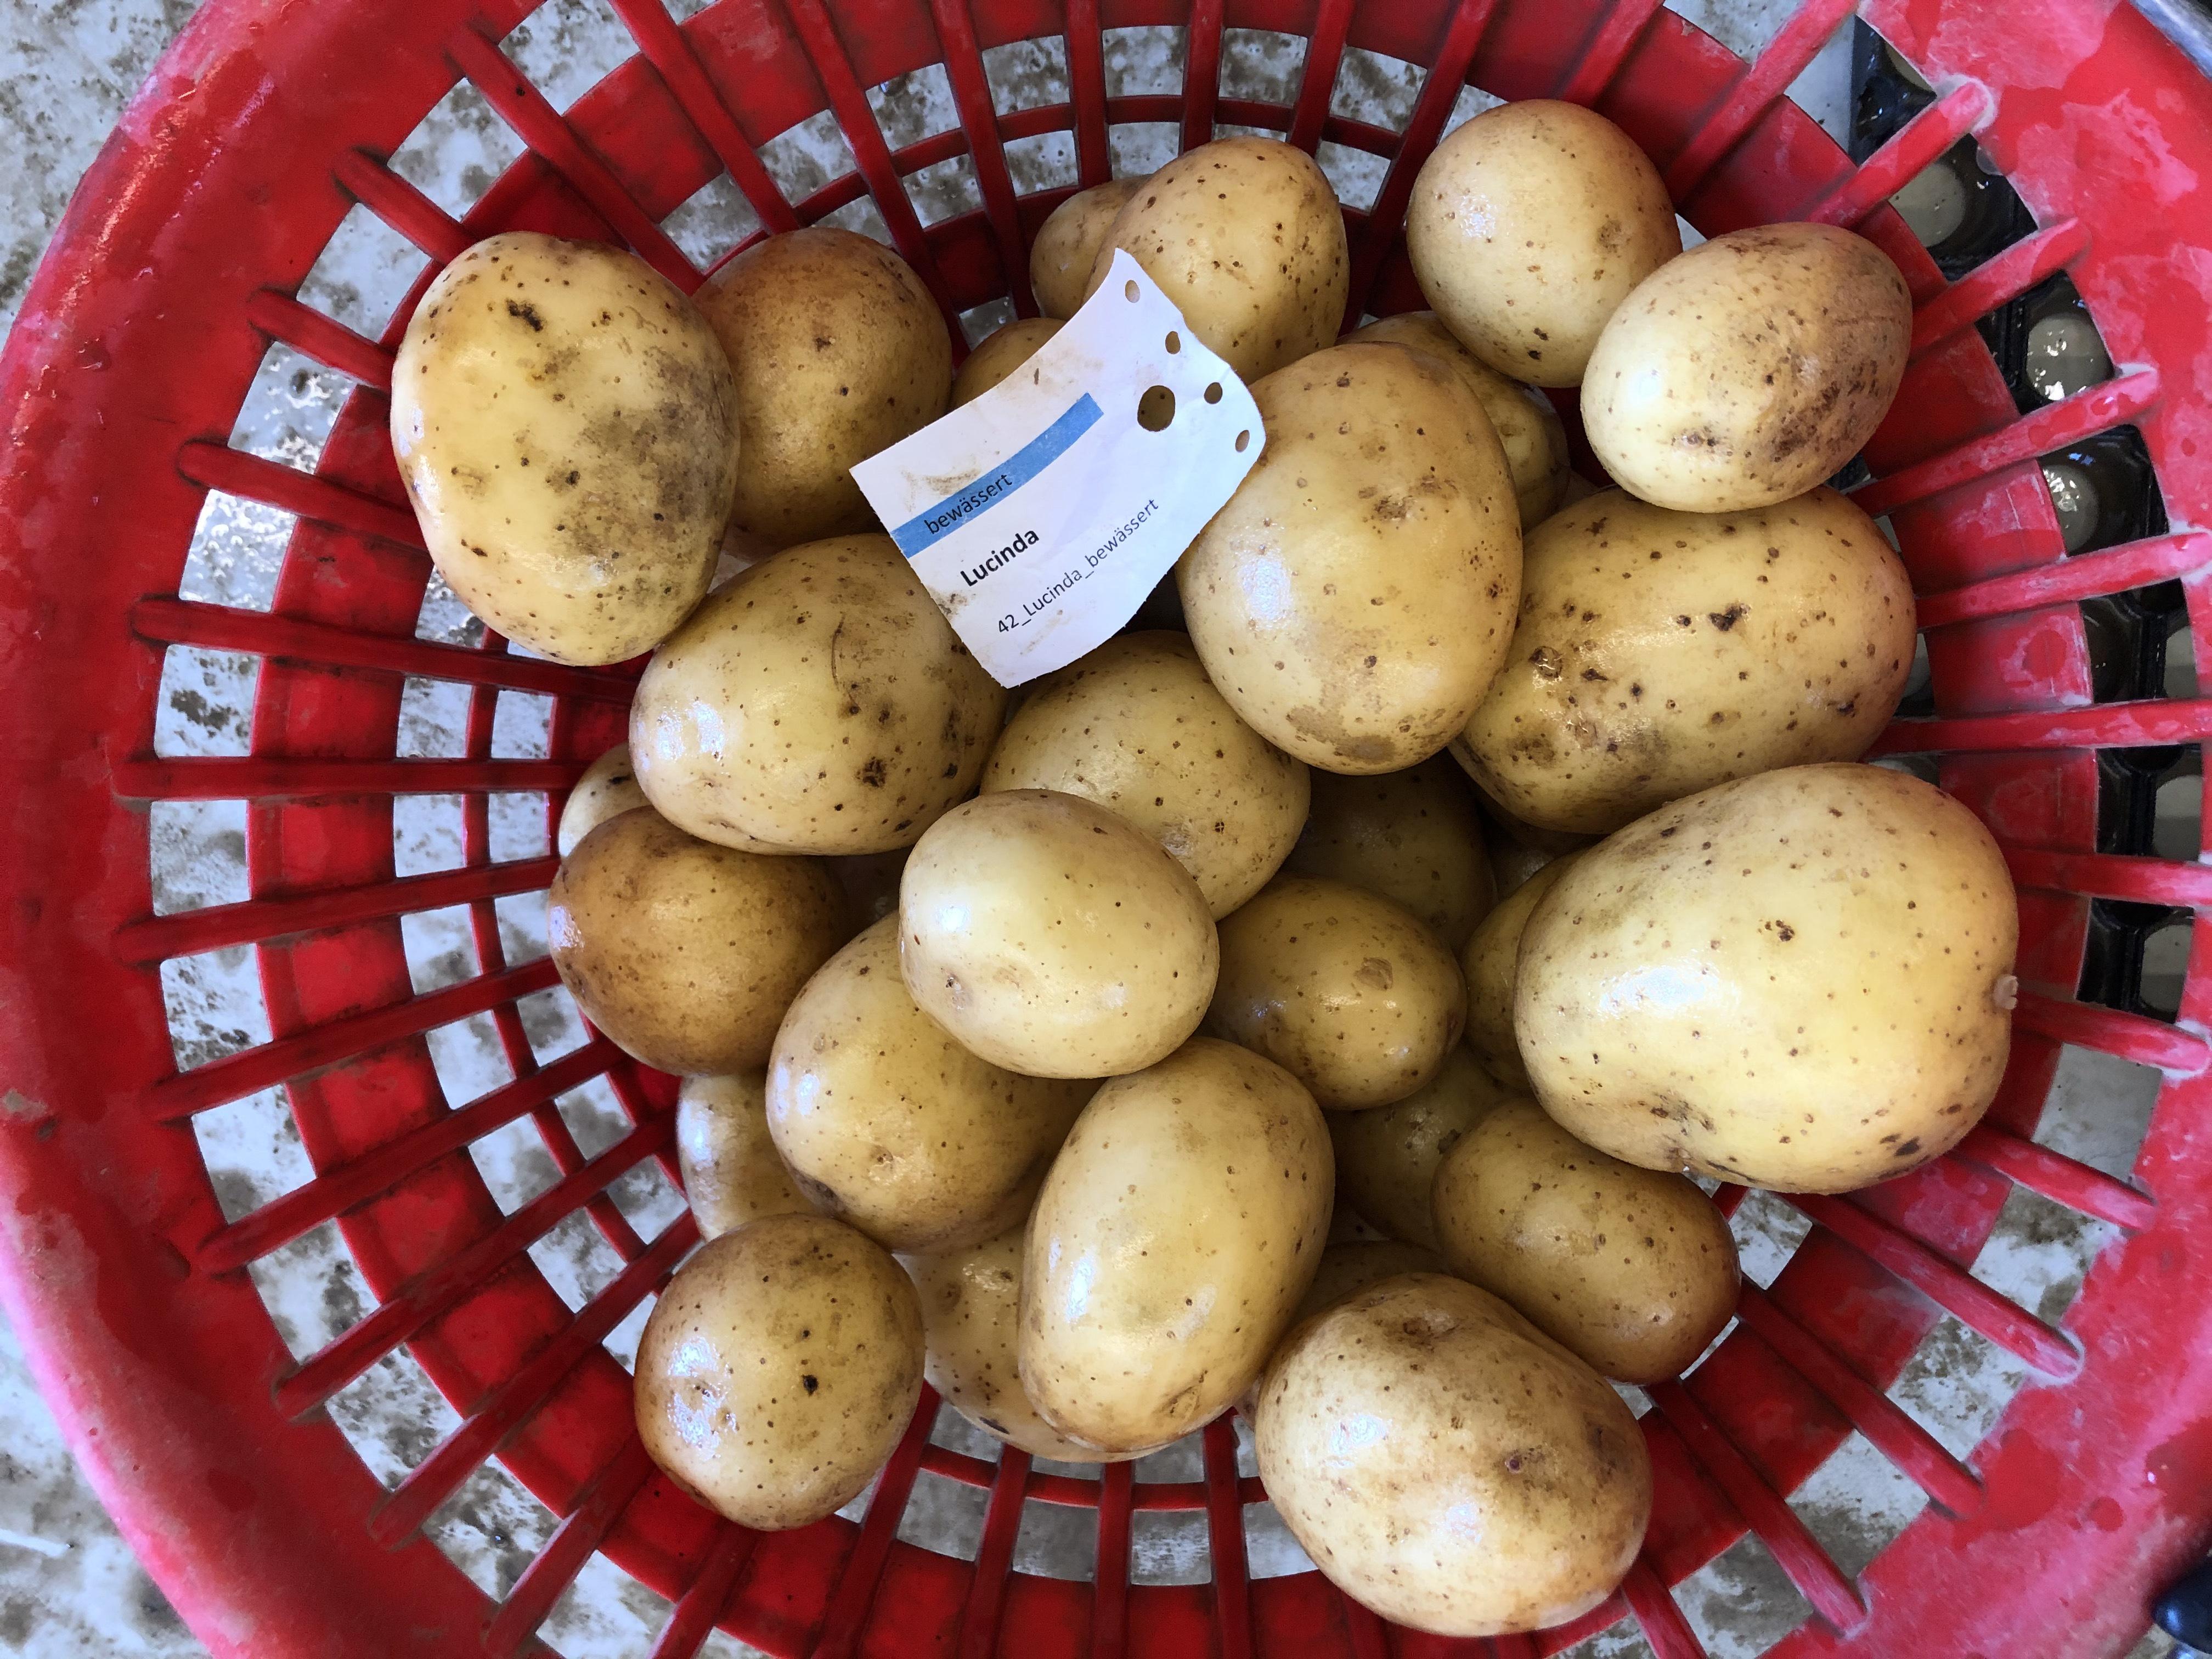 Waschprobe Sorte Lucinda, Sortenversuch Kartoffeln Humlikon 2020